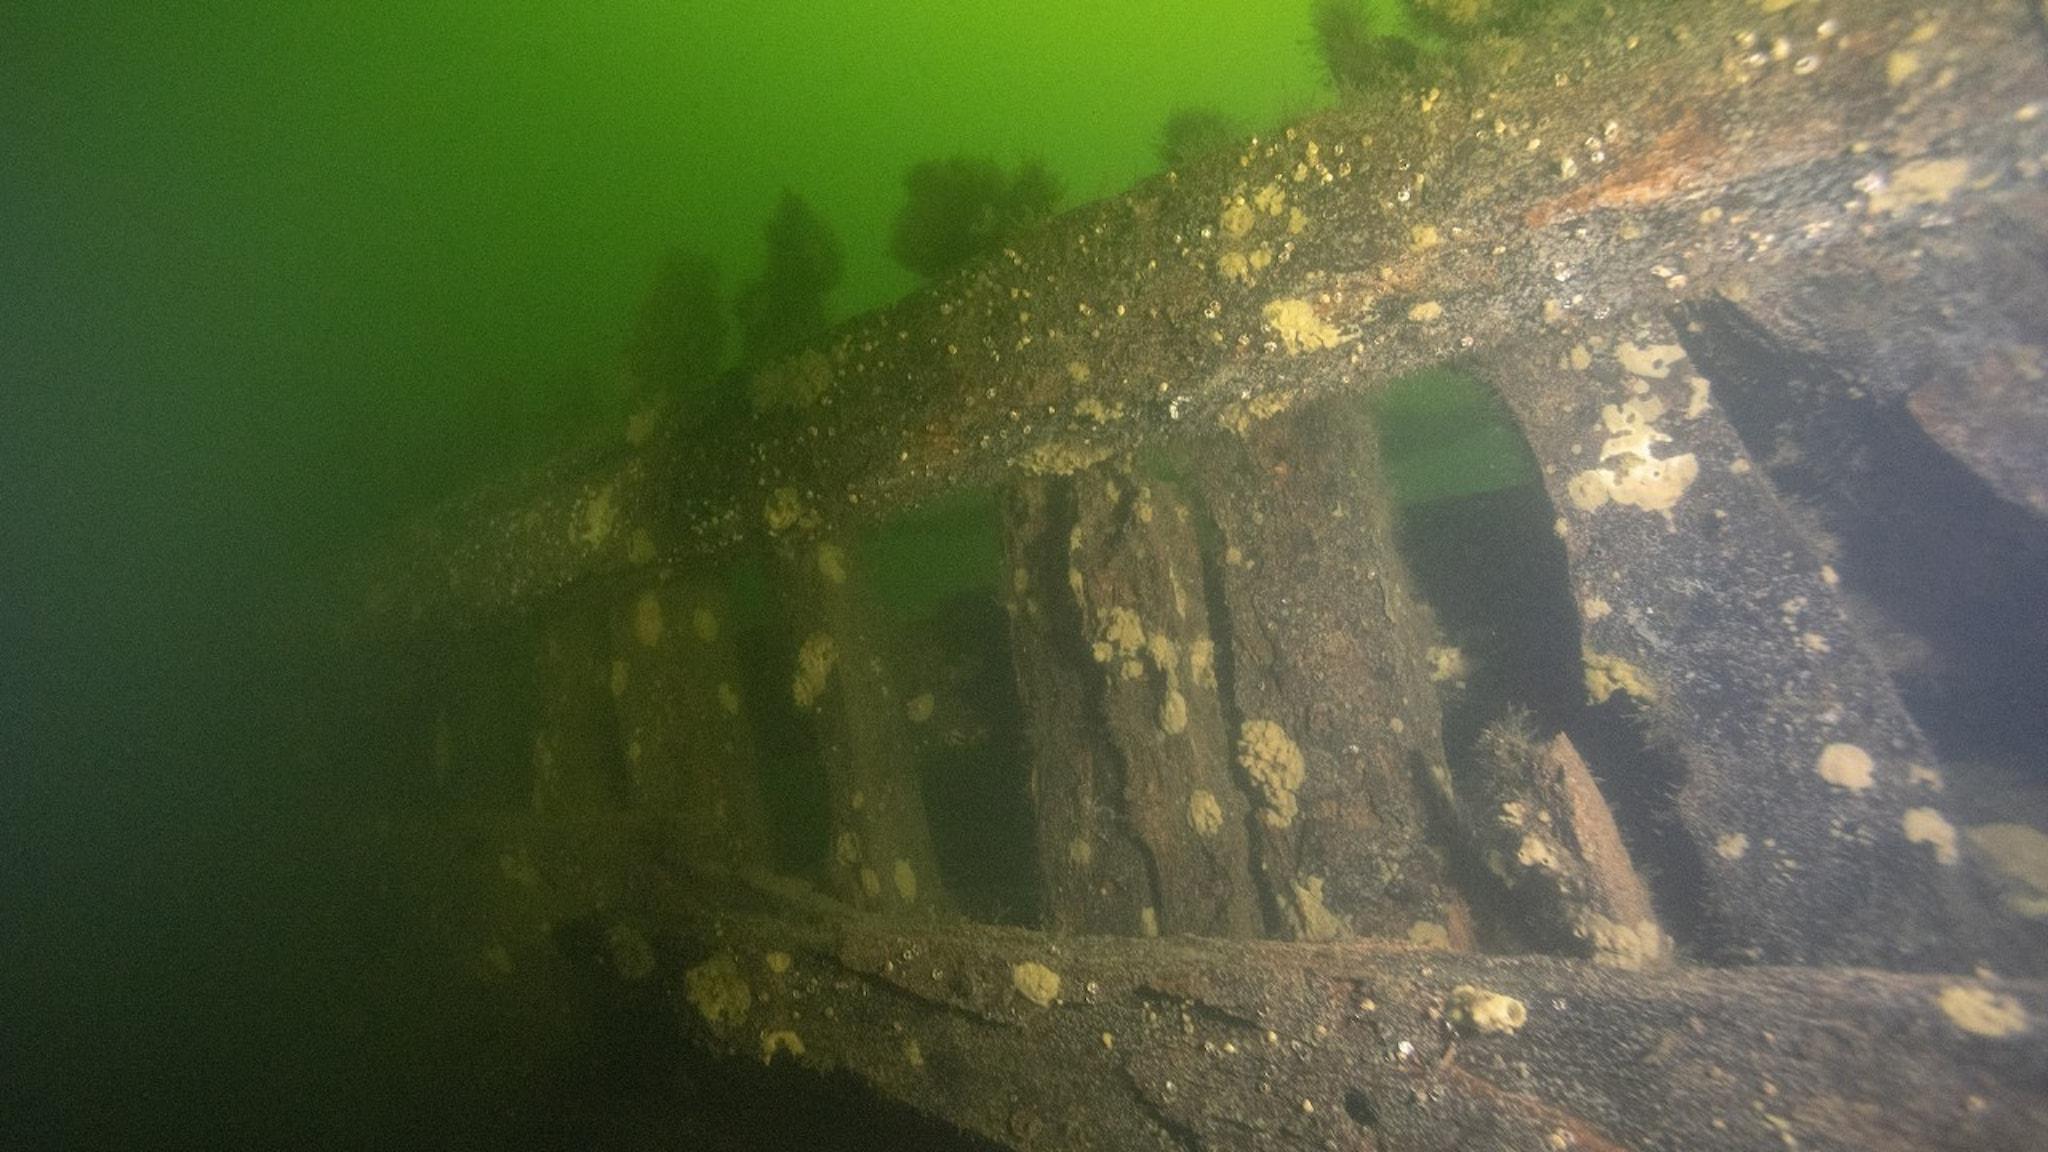 Från dykningar kring de båda skeppsvraken